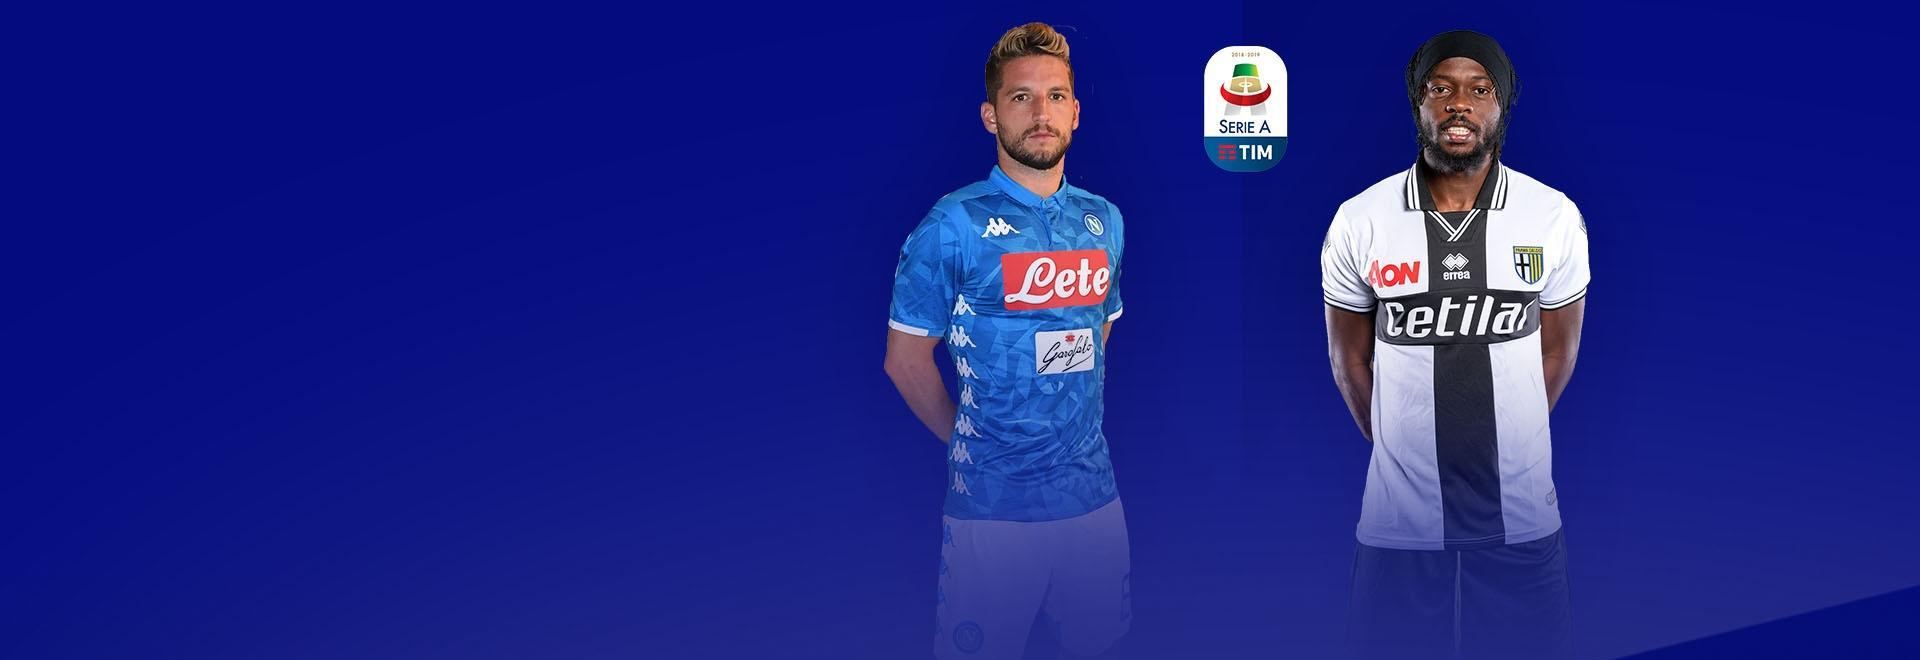 Napoli - Parma